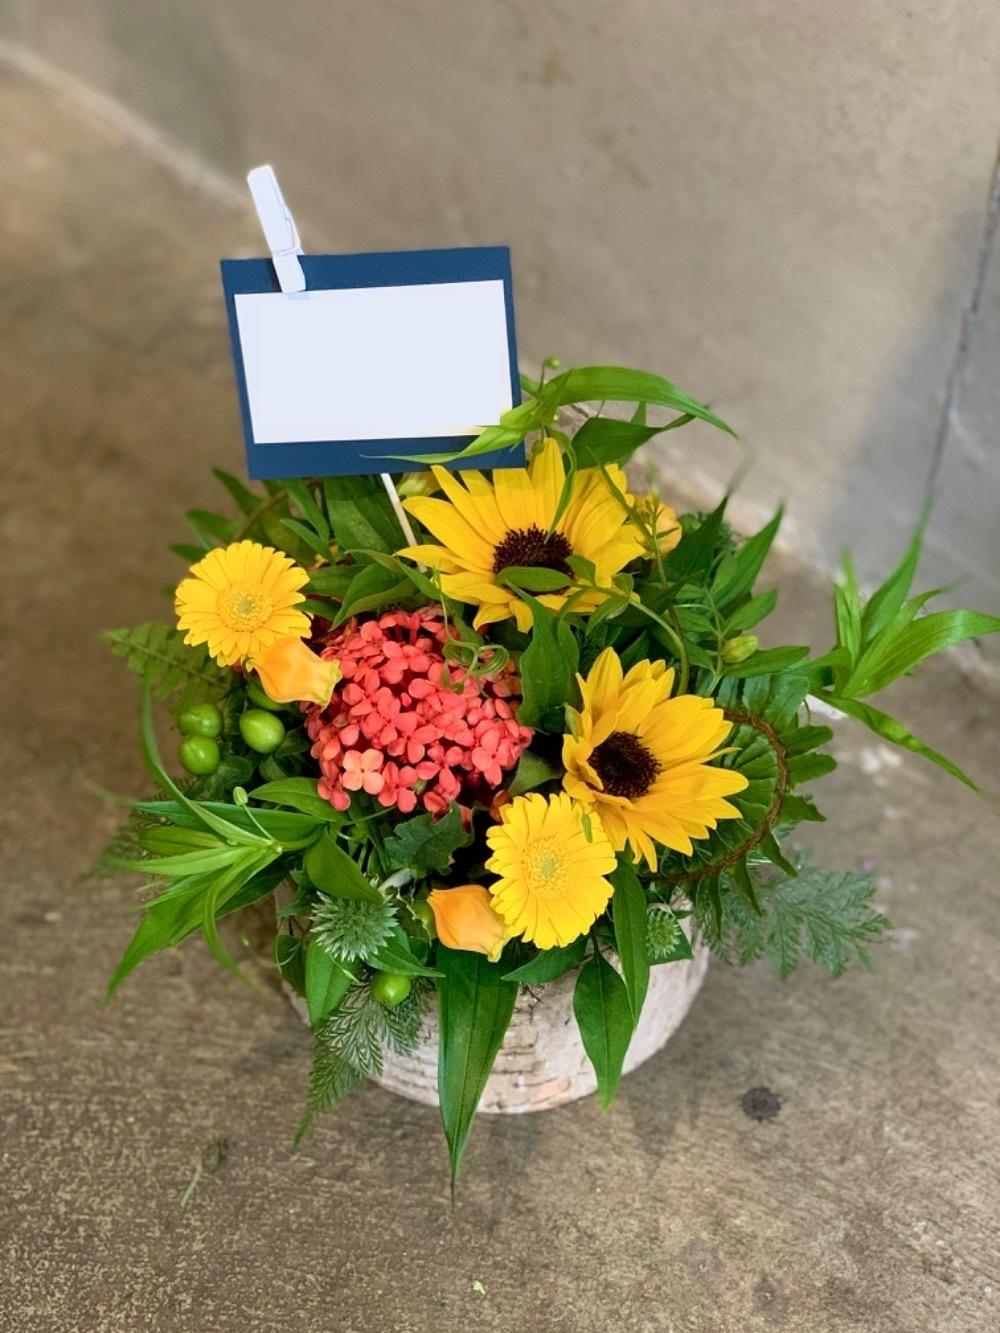 「お店に来て下さるお客様も、気持ちが明るく和らぎますように」ひまわりが印象的な周年祝い花